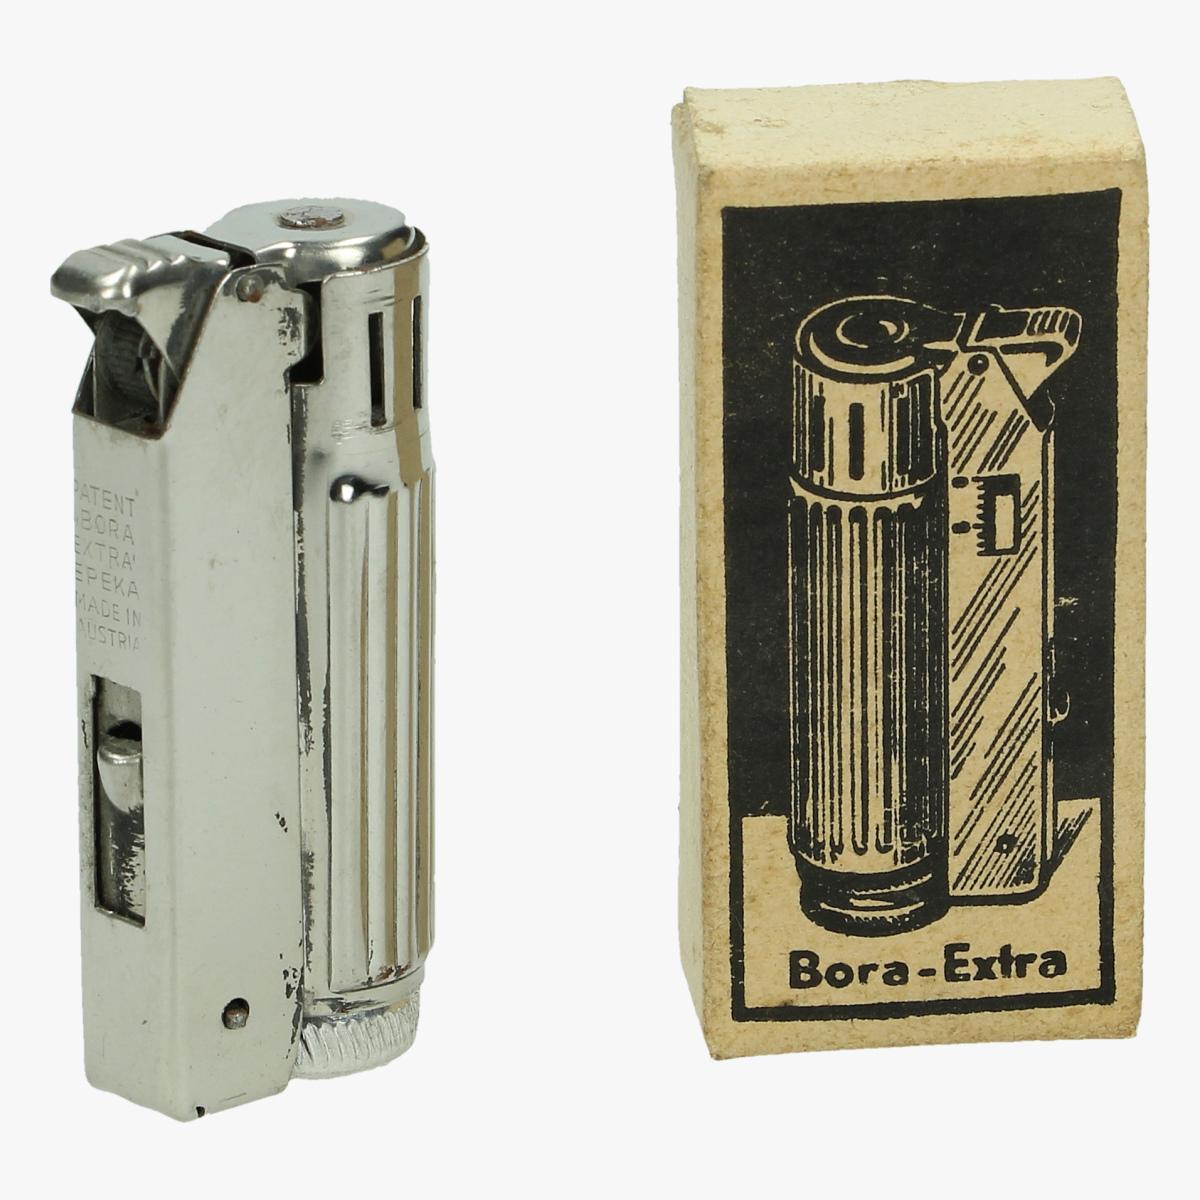 Afbeeldingen van oude aansteker in doosje bora extra nieuwstaat